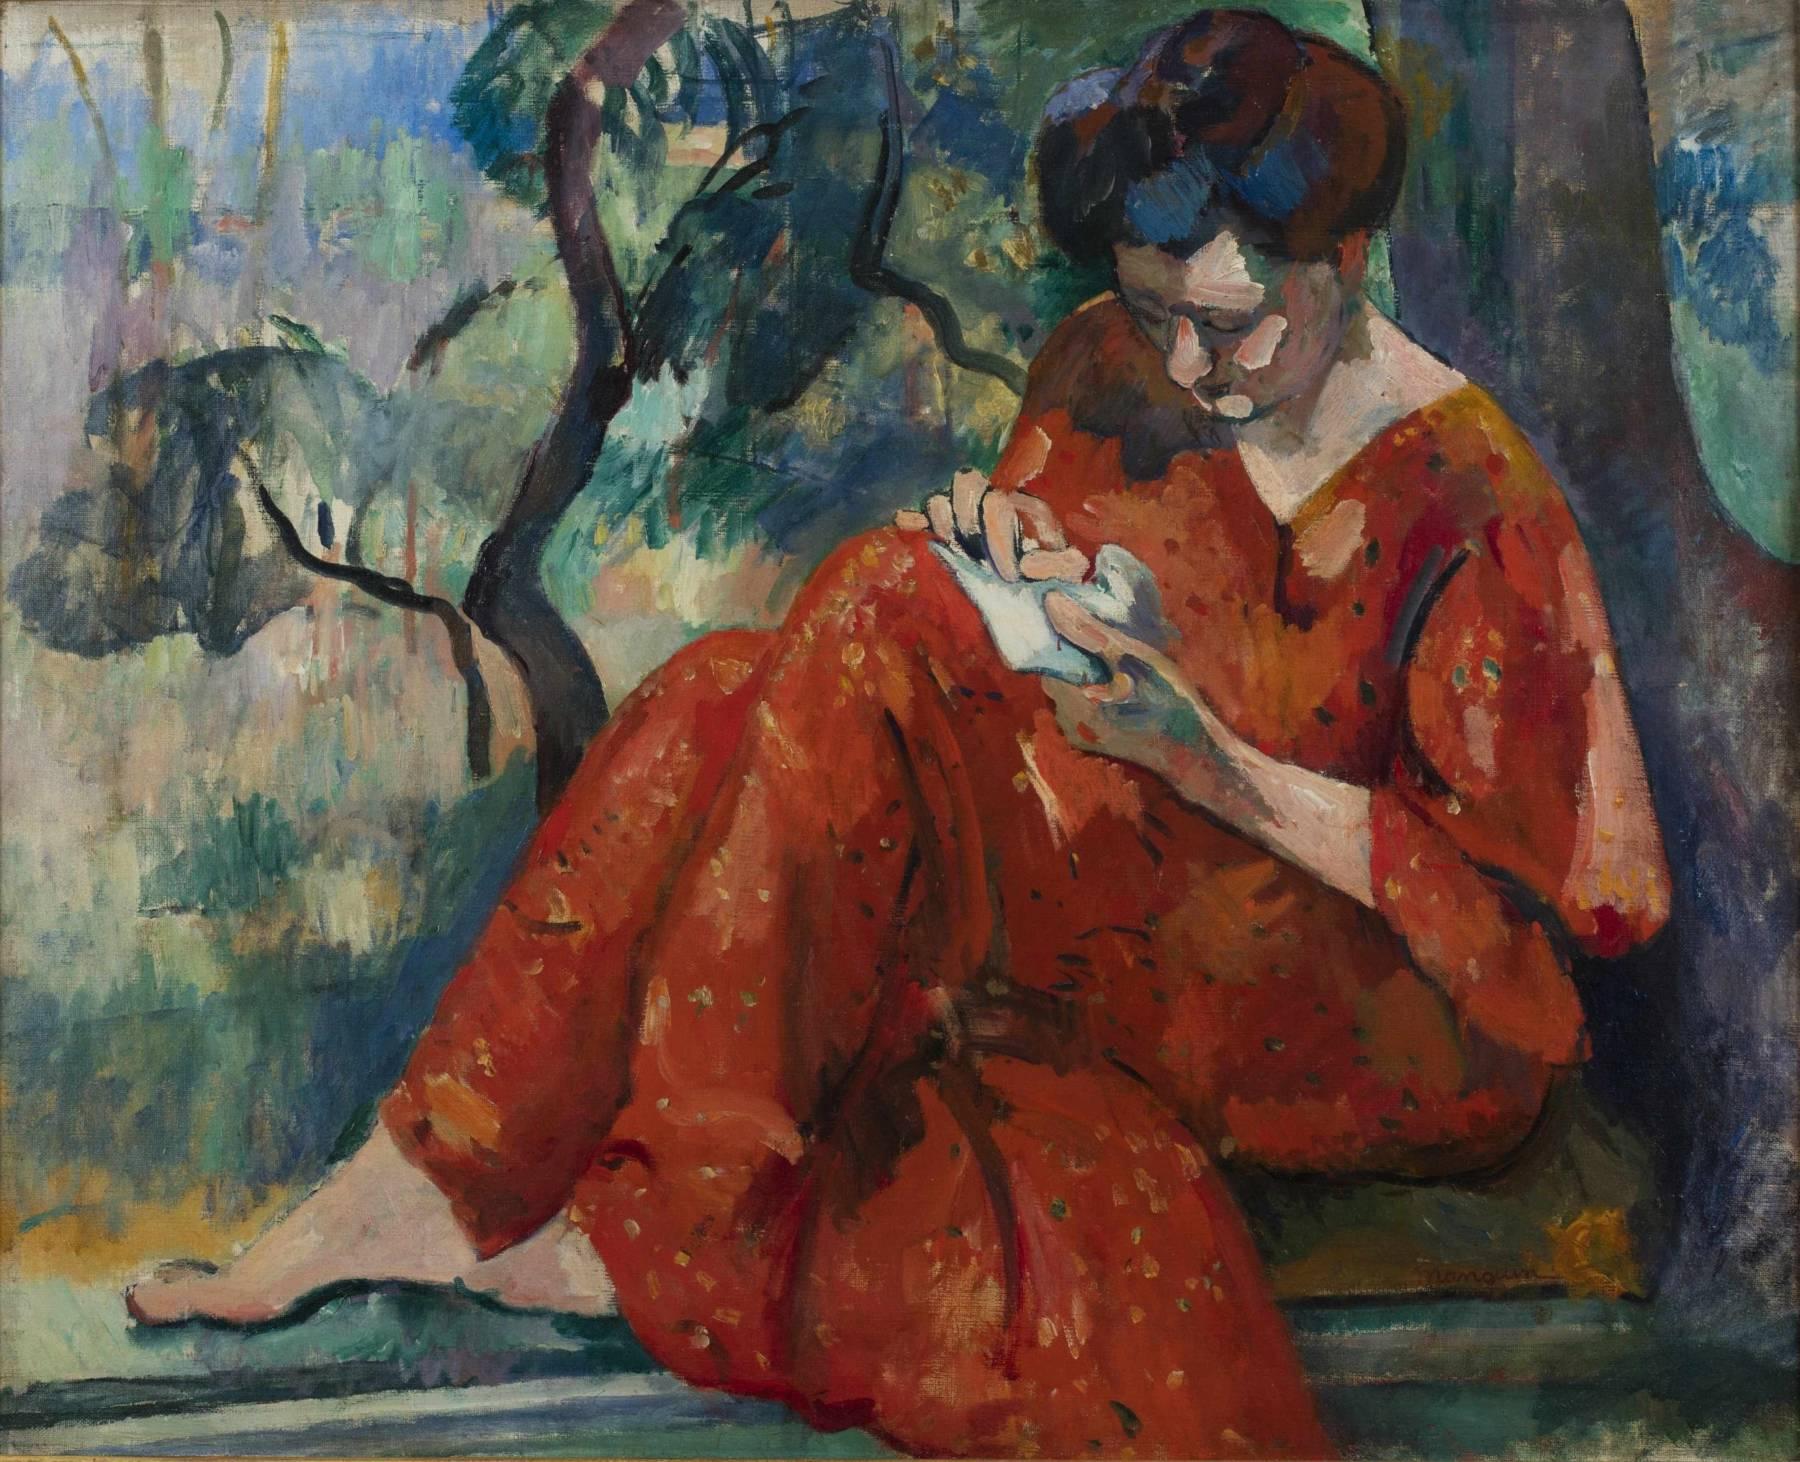 Henri Manguin, La Couseuse à la robe rouge, Jeanne